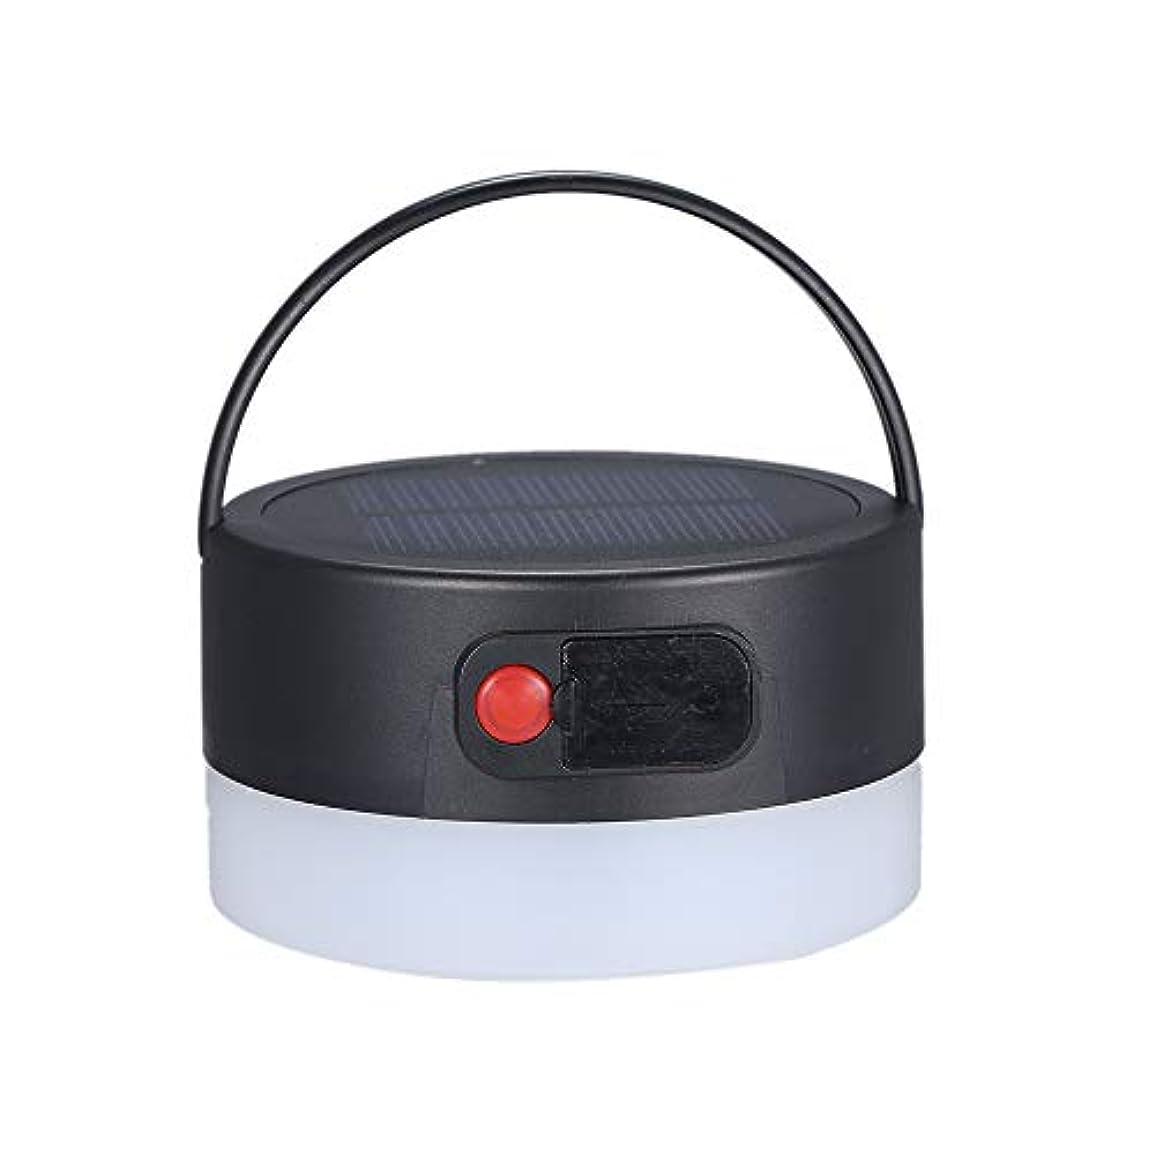 調和加速する芽Galapara LEDランタン 懐中電灯, 携帯用太陽LEDのキャンプのランタンライト太陽動力を与えられた及びUSBのテントの掛かる懐中電燈のための再充電可能な小型力銀行充満4つの照明モード屋外のハイキングのための調節可能な緊急夜ランプ釣り